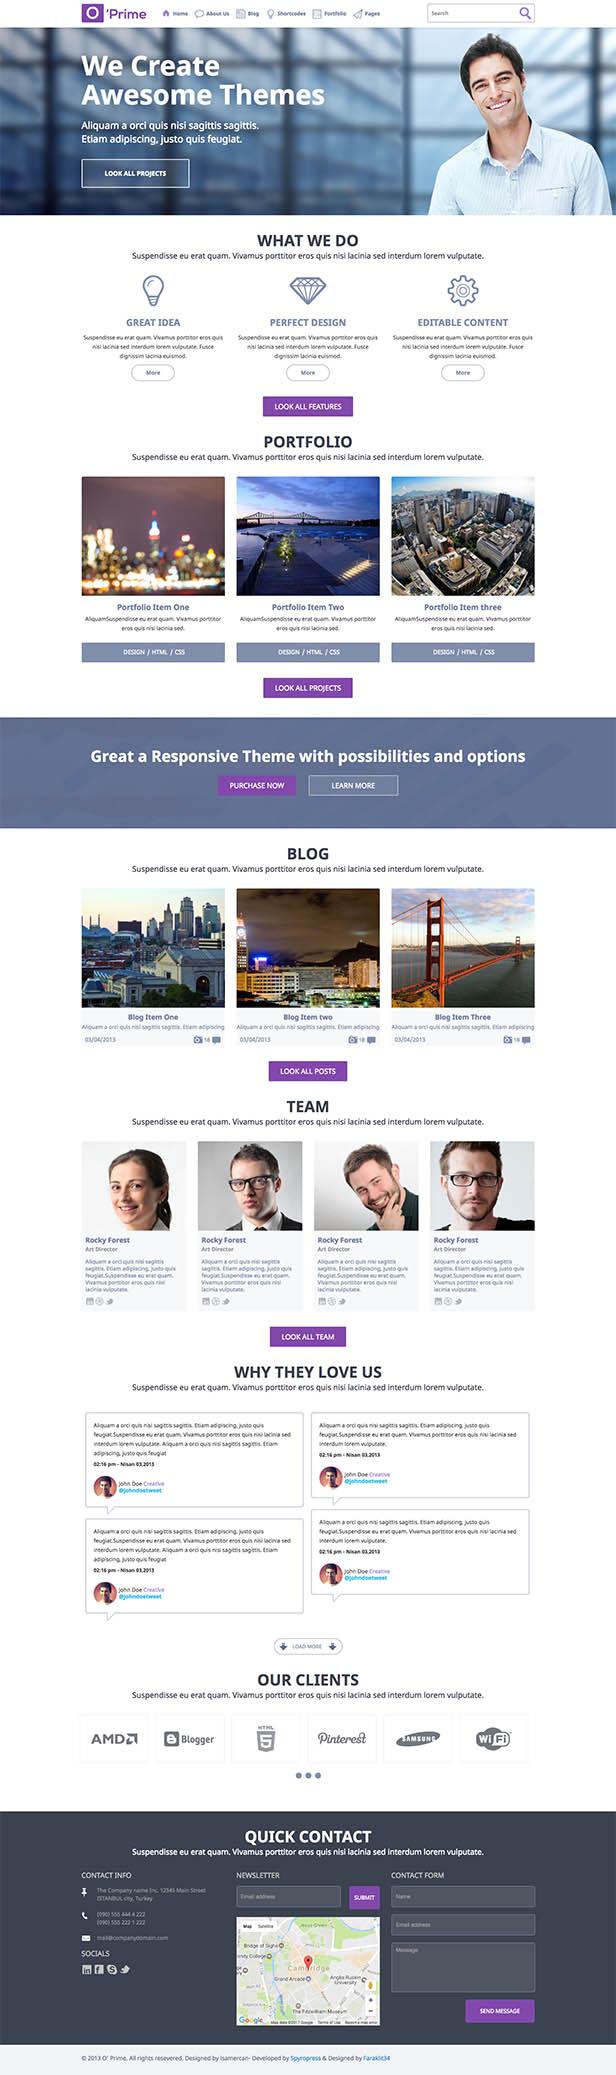 O'prime Multi Purpose Responsive HTML Template - 9